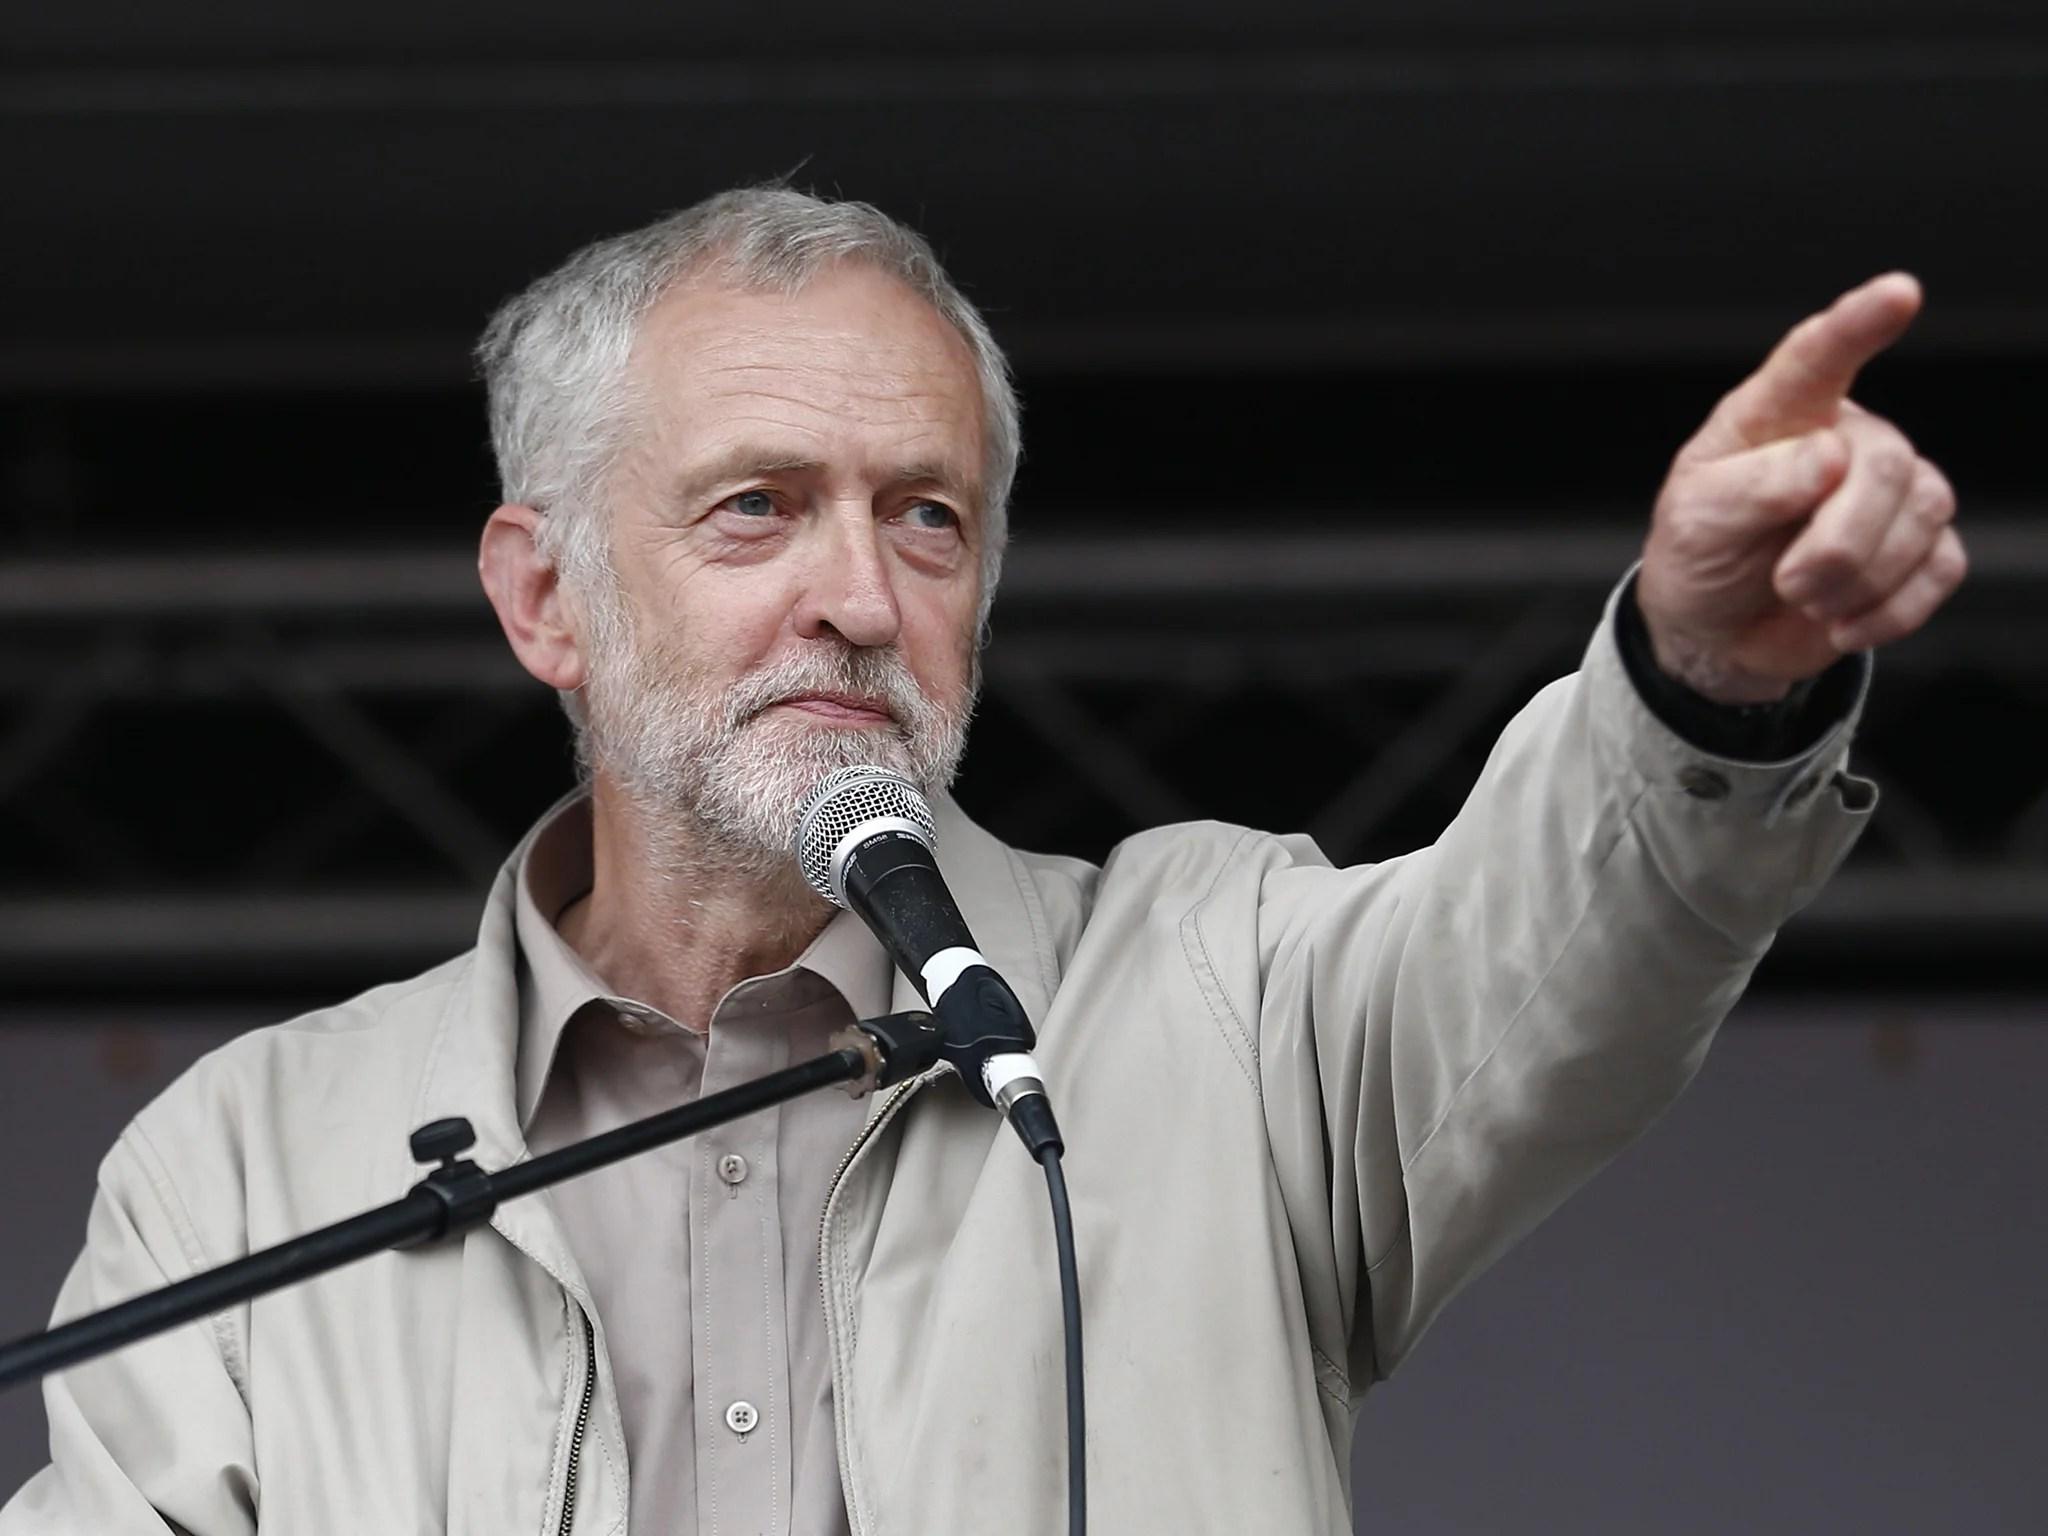 https://i2.wp.com/static.independent.co.uk/s3fs-public/thumbnails/image/2015/06/22/18/v218-Jeremy-Corbyn-Get-v2.jpg